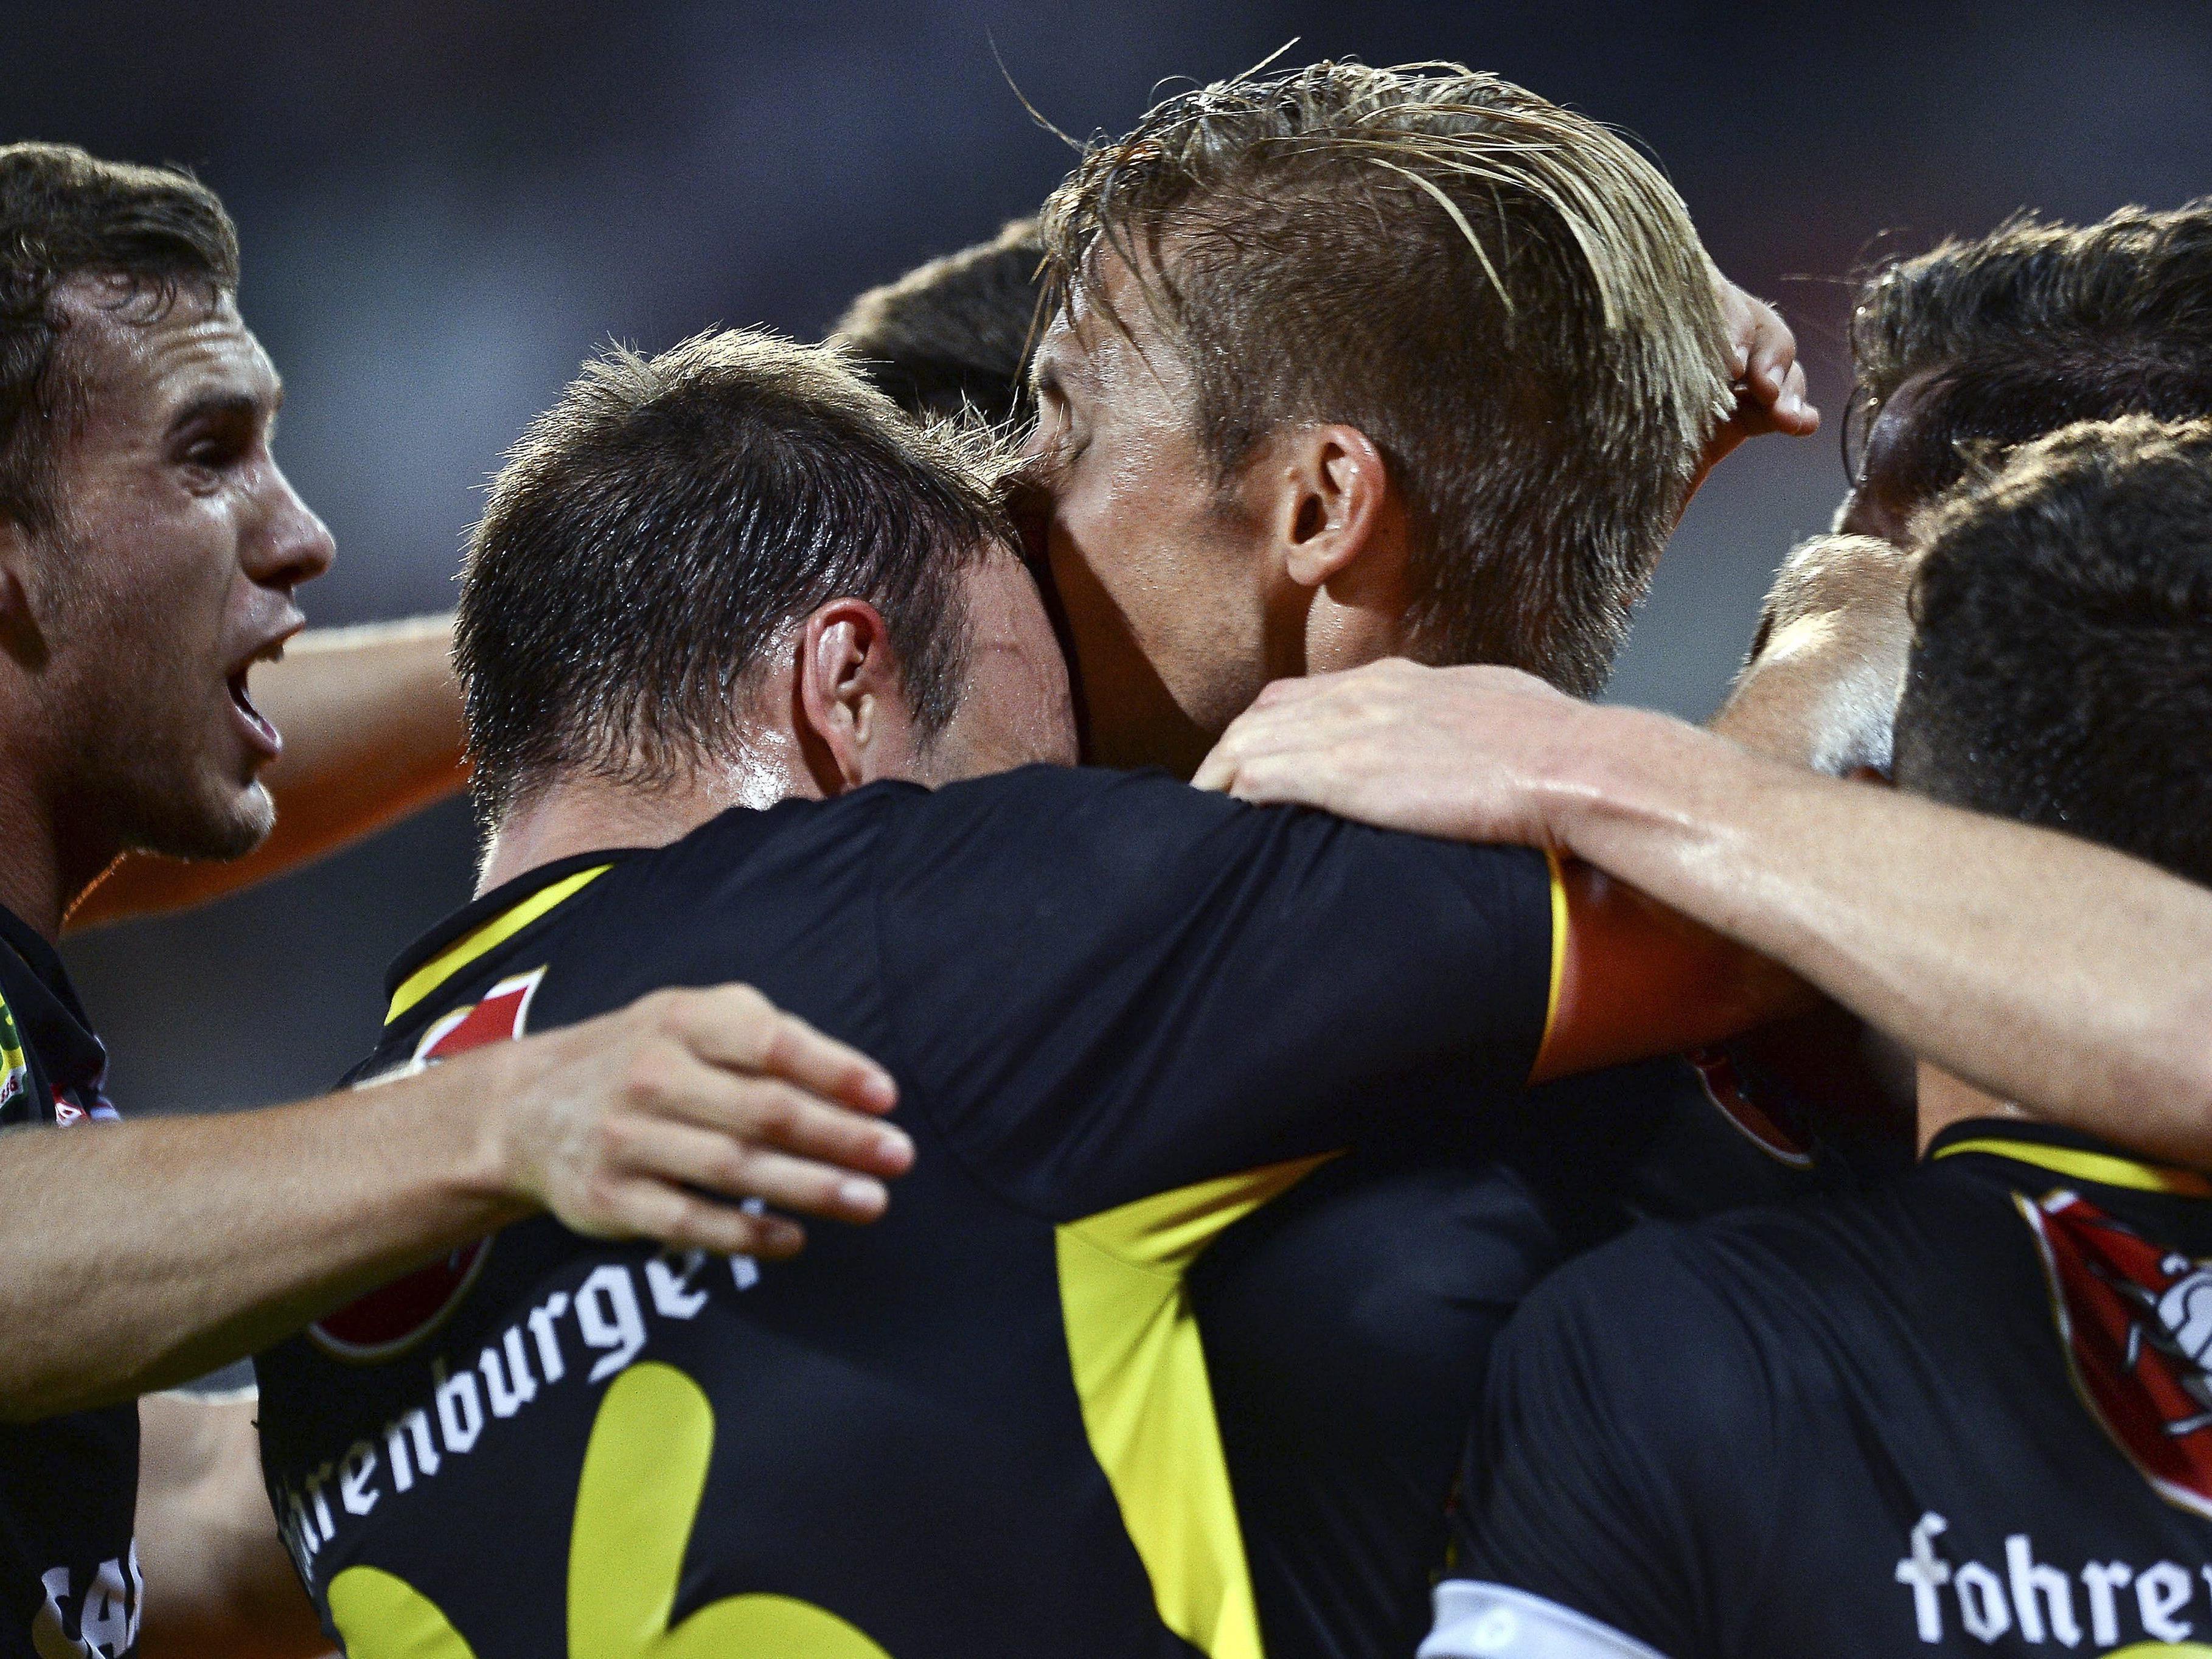 Die Vorarlberger bestreiten ihr erste Duell mit Belenenses Lissabon am Donnerstag, 20. August, im Innsbrucker Tivoli-Stadion um 20.30 Uhr.